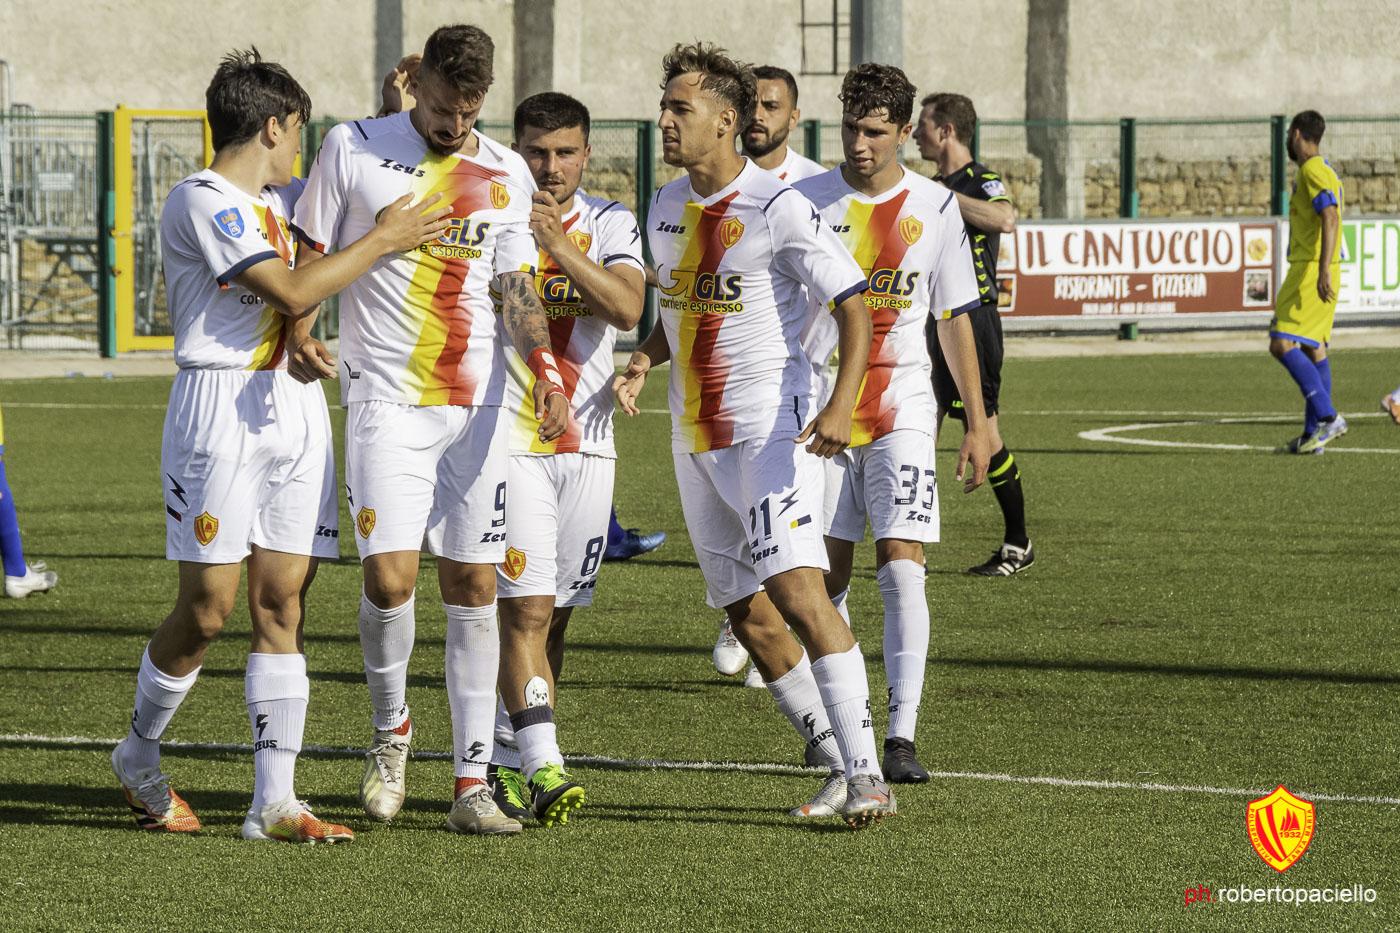 Polisportiva Santa Maria  1-1 Licata, la sintesi